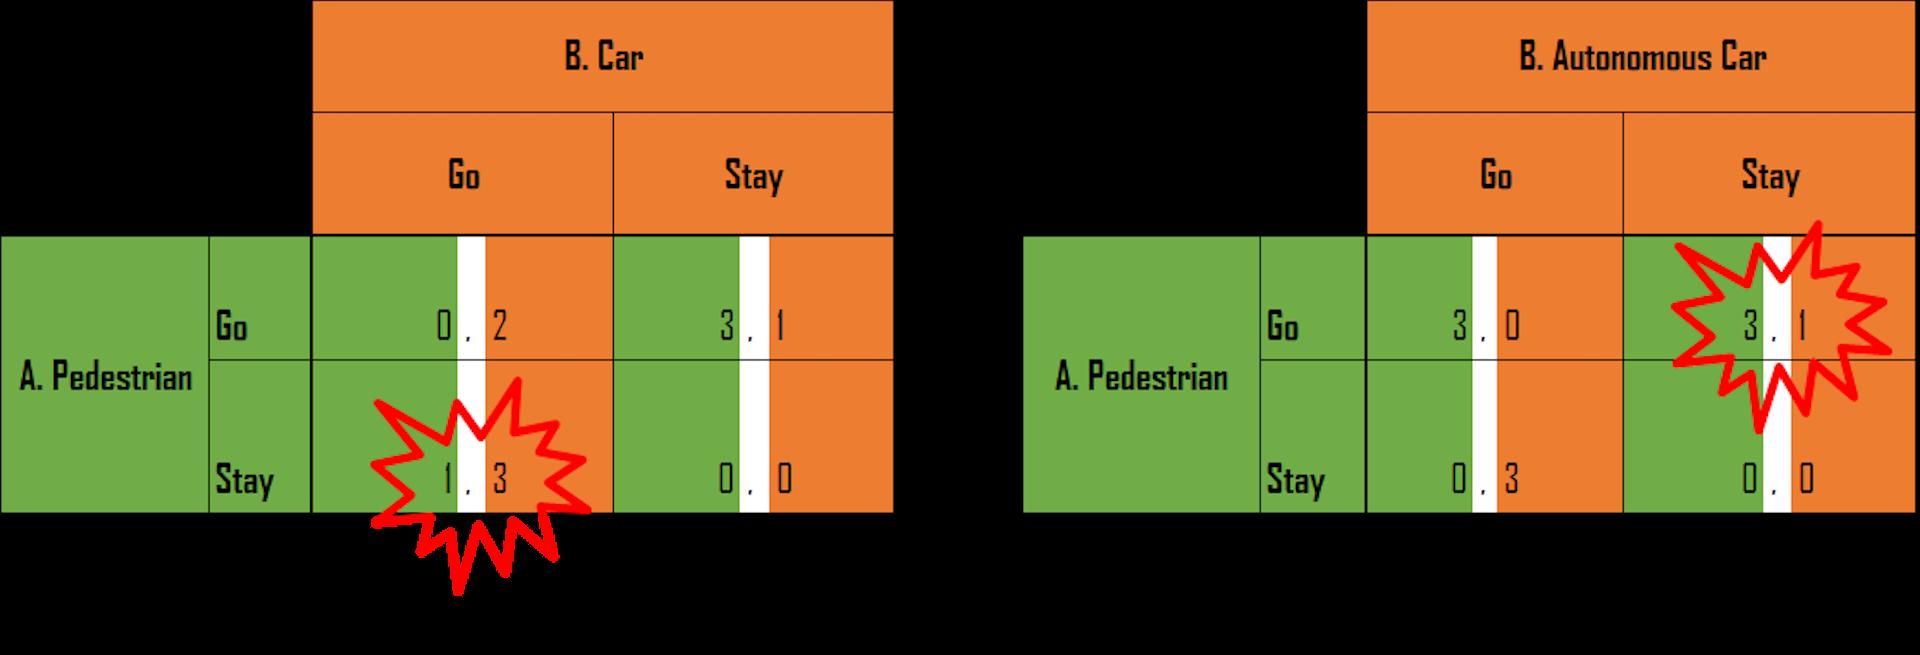 autonomous cars pedestrians